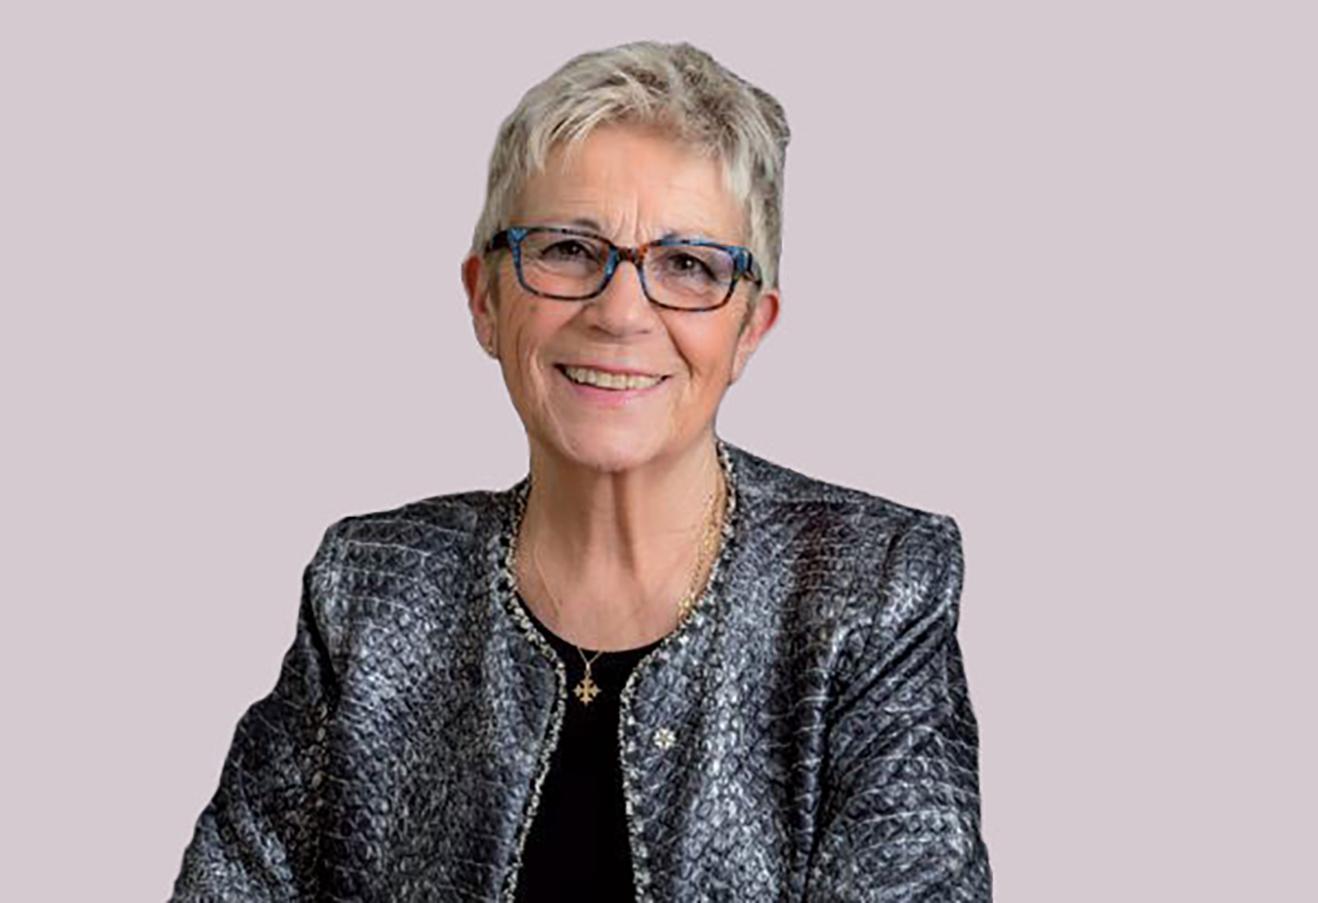 Portrait de Monique Rubin, Présidente de la Fédération des marchés de France